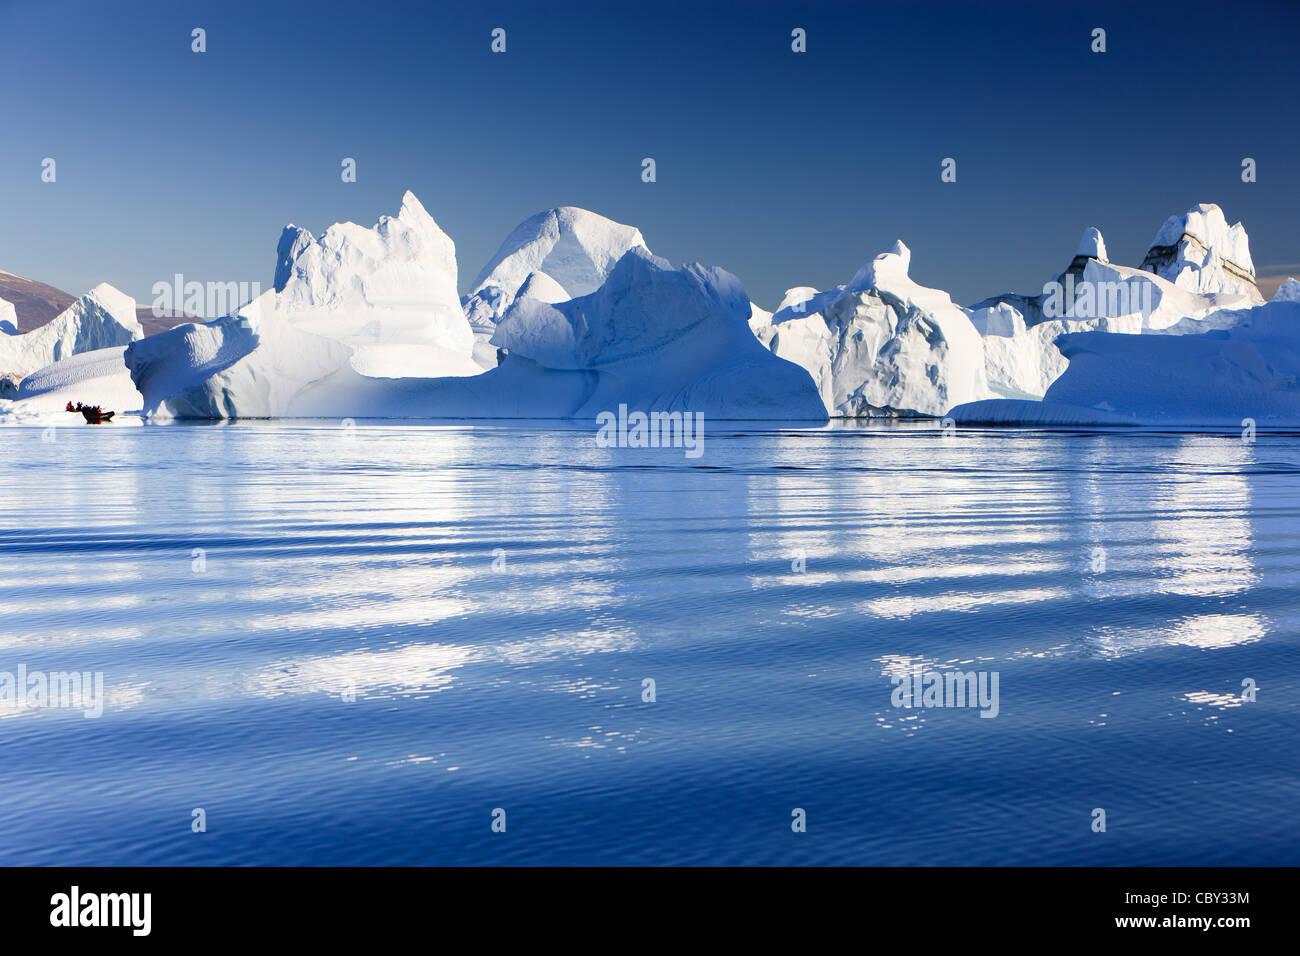 Navegando entre los icebergs en Rode Ø, Scoresby sund, Groenlandia Imagen De Stock